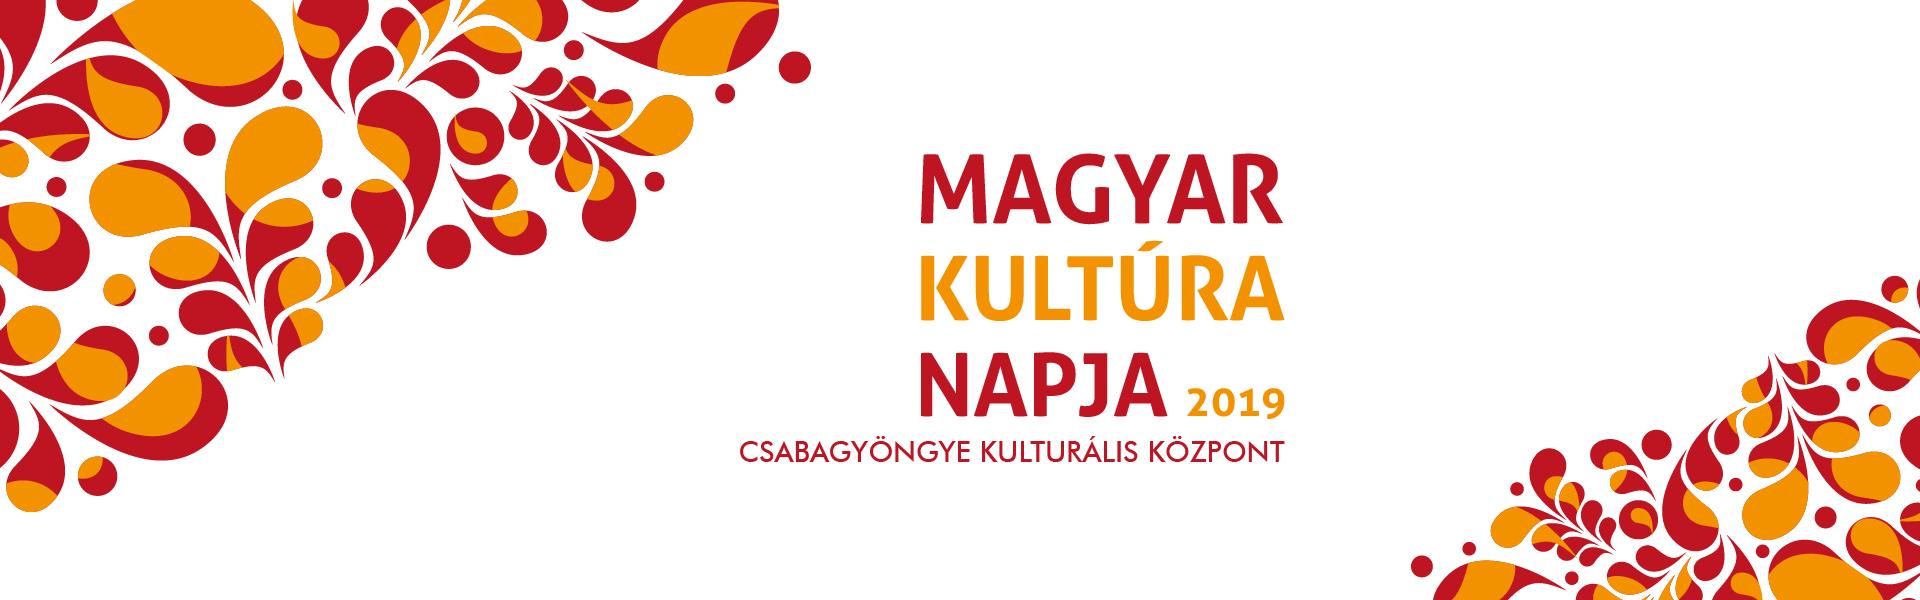 Méltó ünnepléssel köszöntjük a Magyar Kultúra Napját